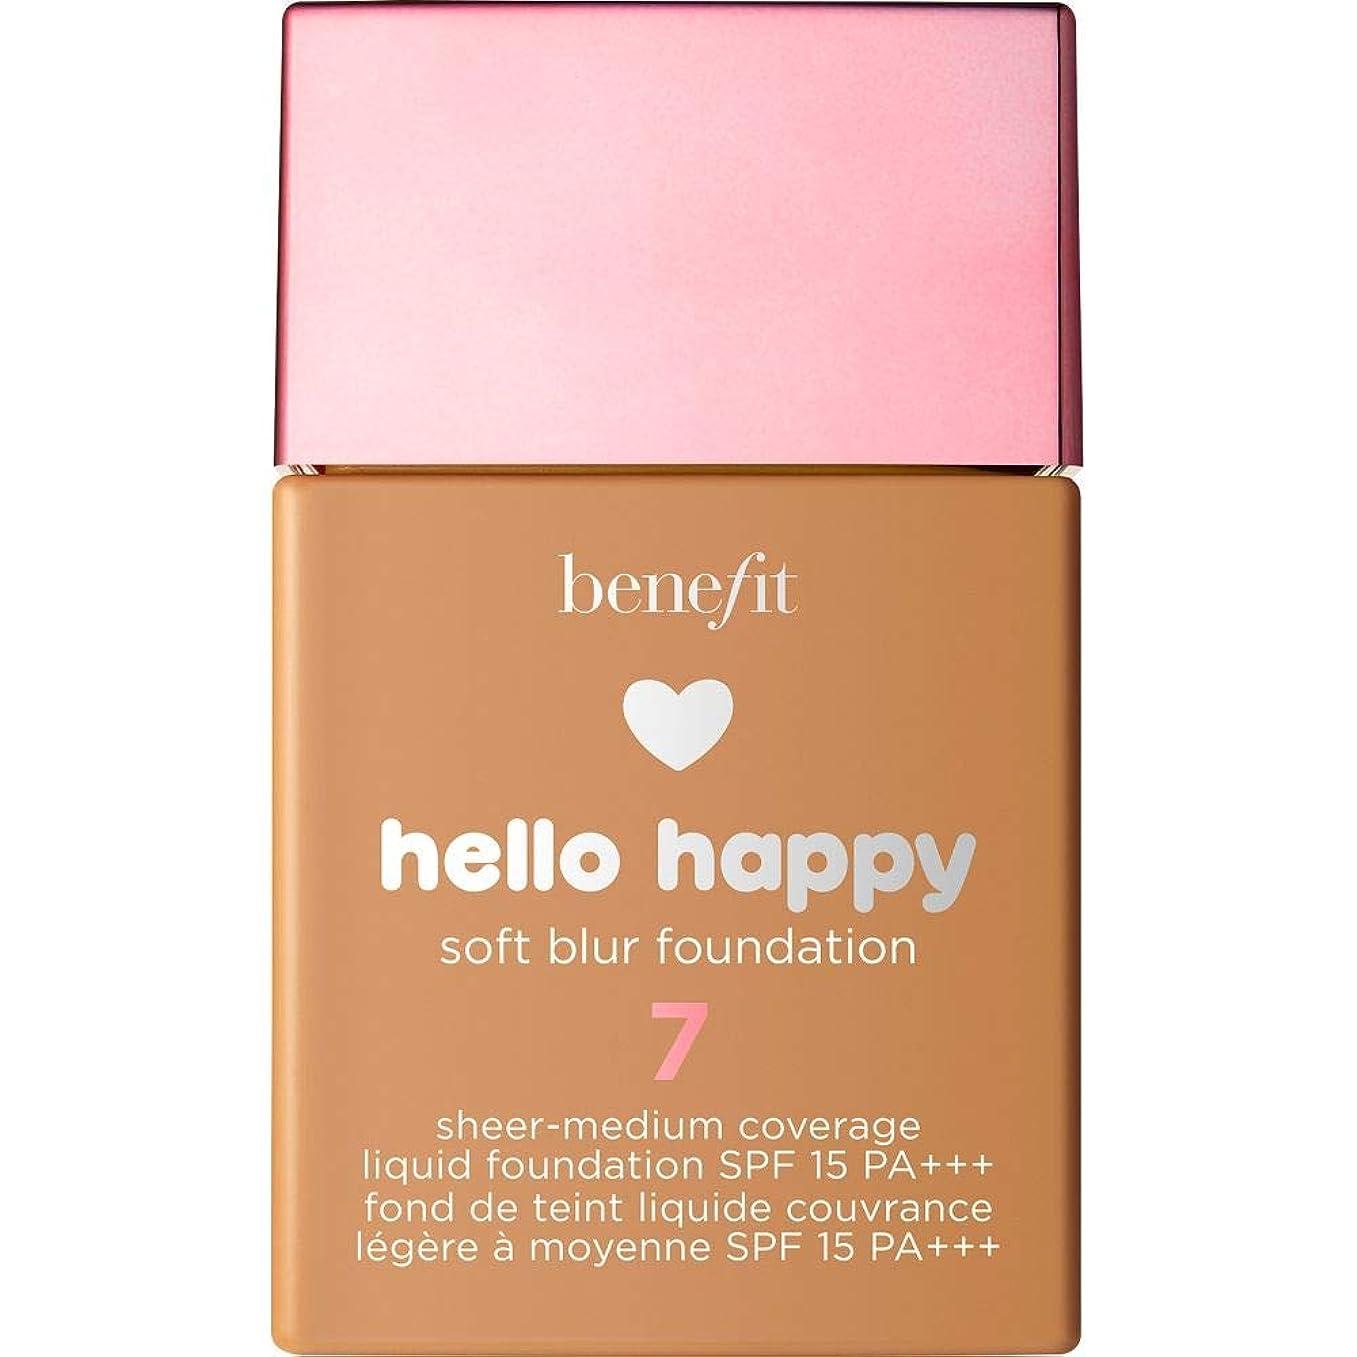 自明腐った頻繁に[Benefit ] 利益こんにちは幸せなソフトブラー基礎Spf15 30ミリリットル7 - 中規模たん暖かいです - Benefit Hello Happy Soft Blur Foundation SPF15 30ml 7 - Medium-Tan Warm [並行輸入品]